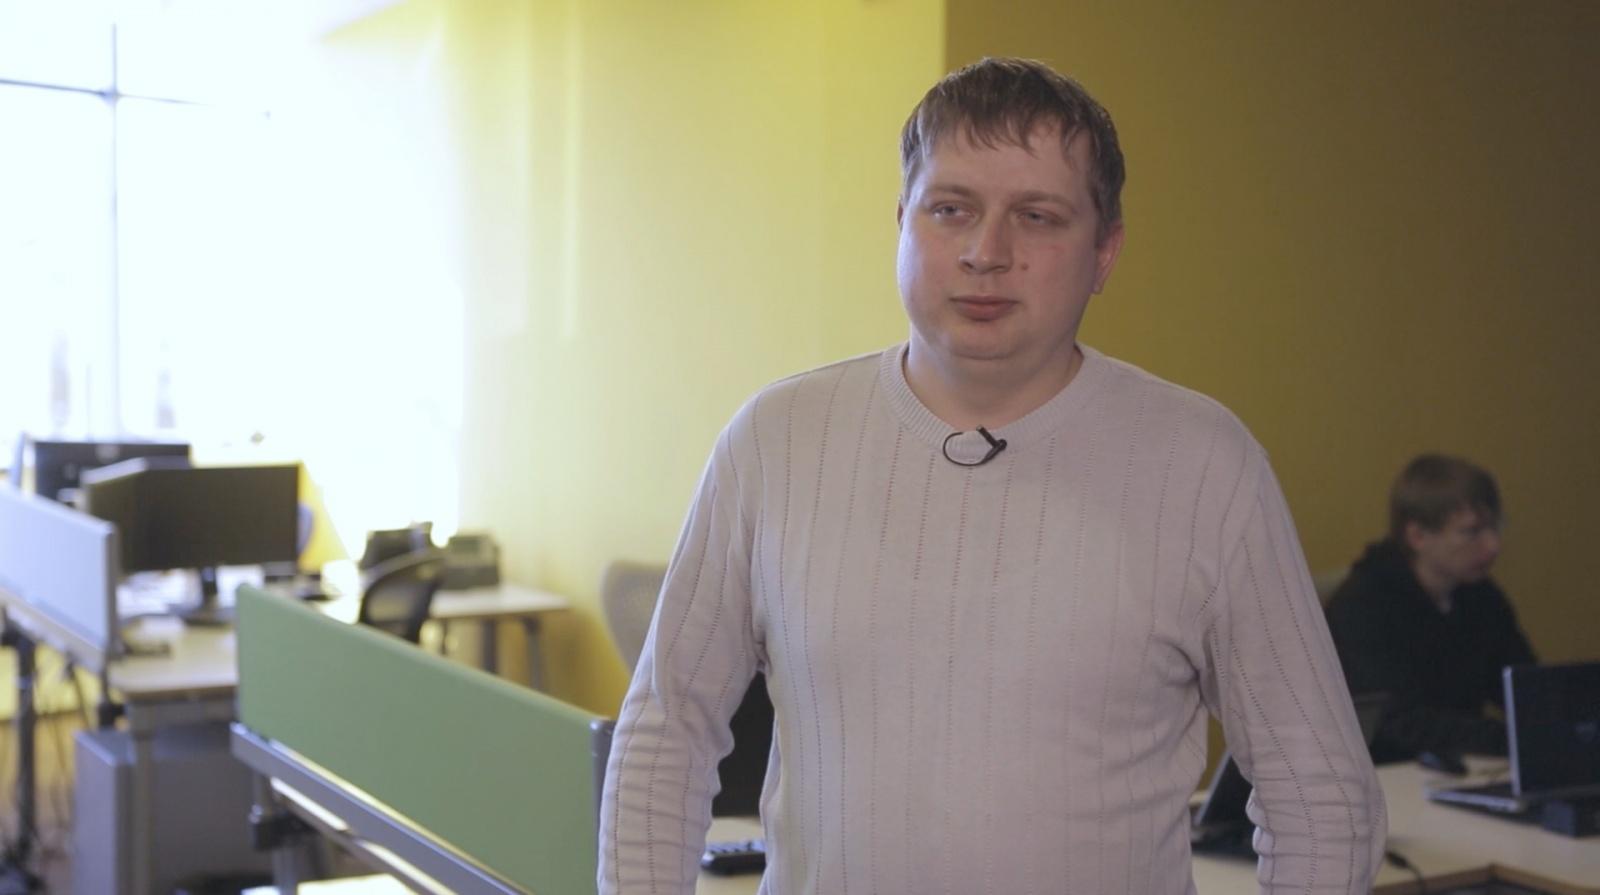 Помогают ли опыт и достижения в спортивном программировании в реальной жизни и работе, или мешают? - 4